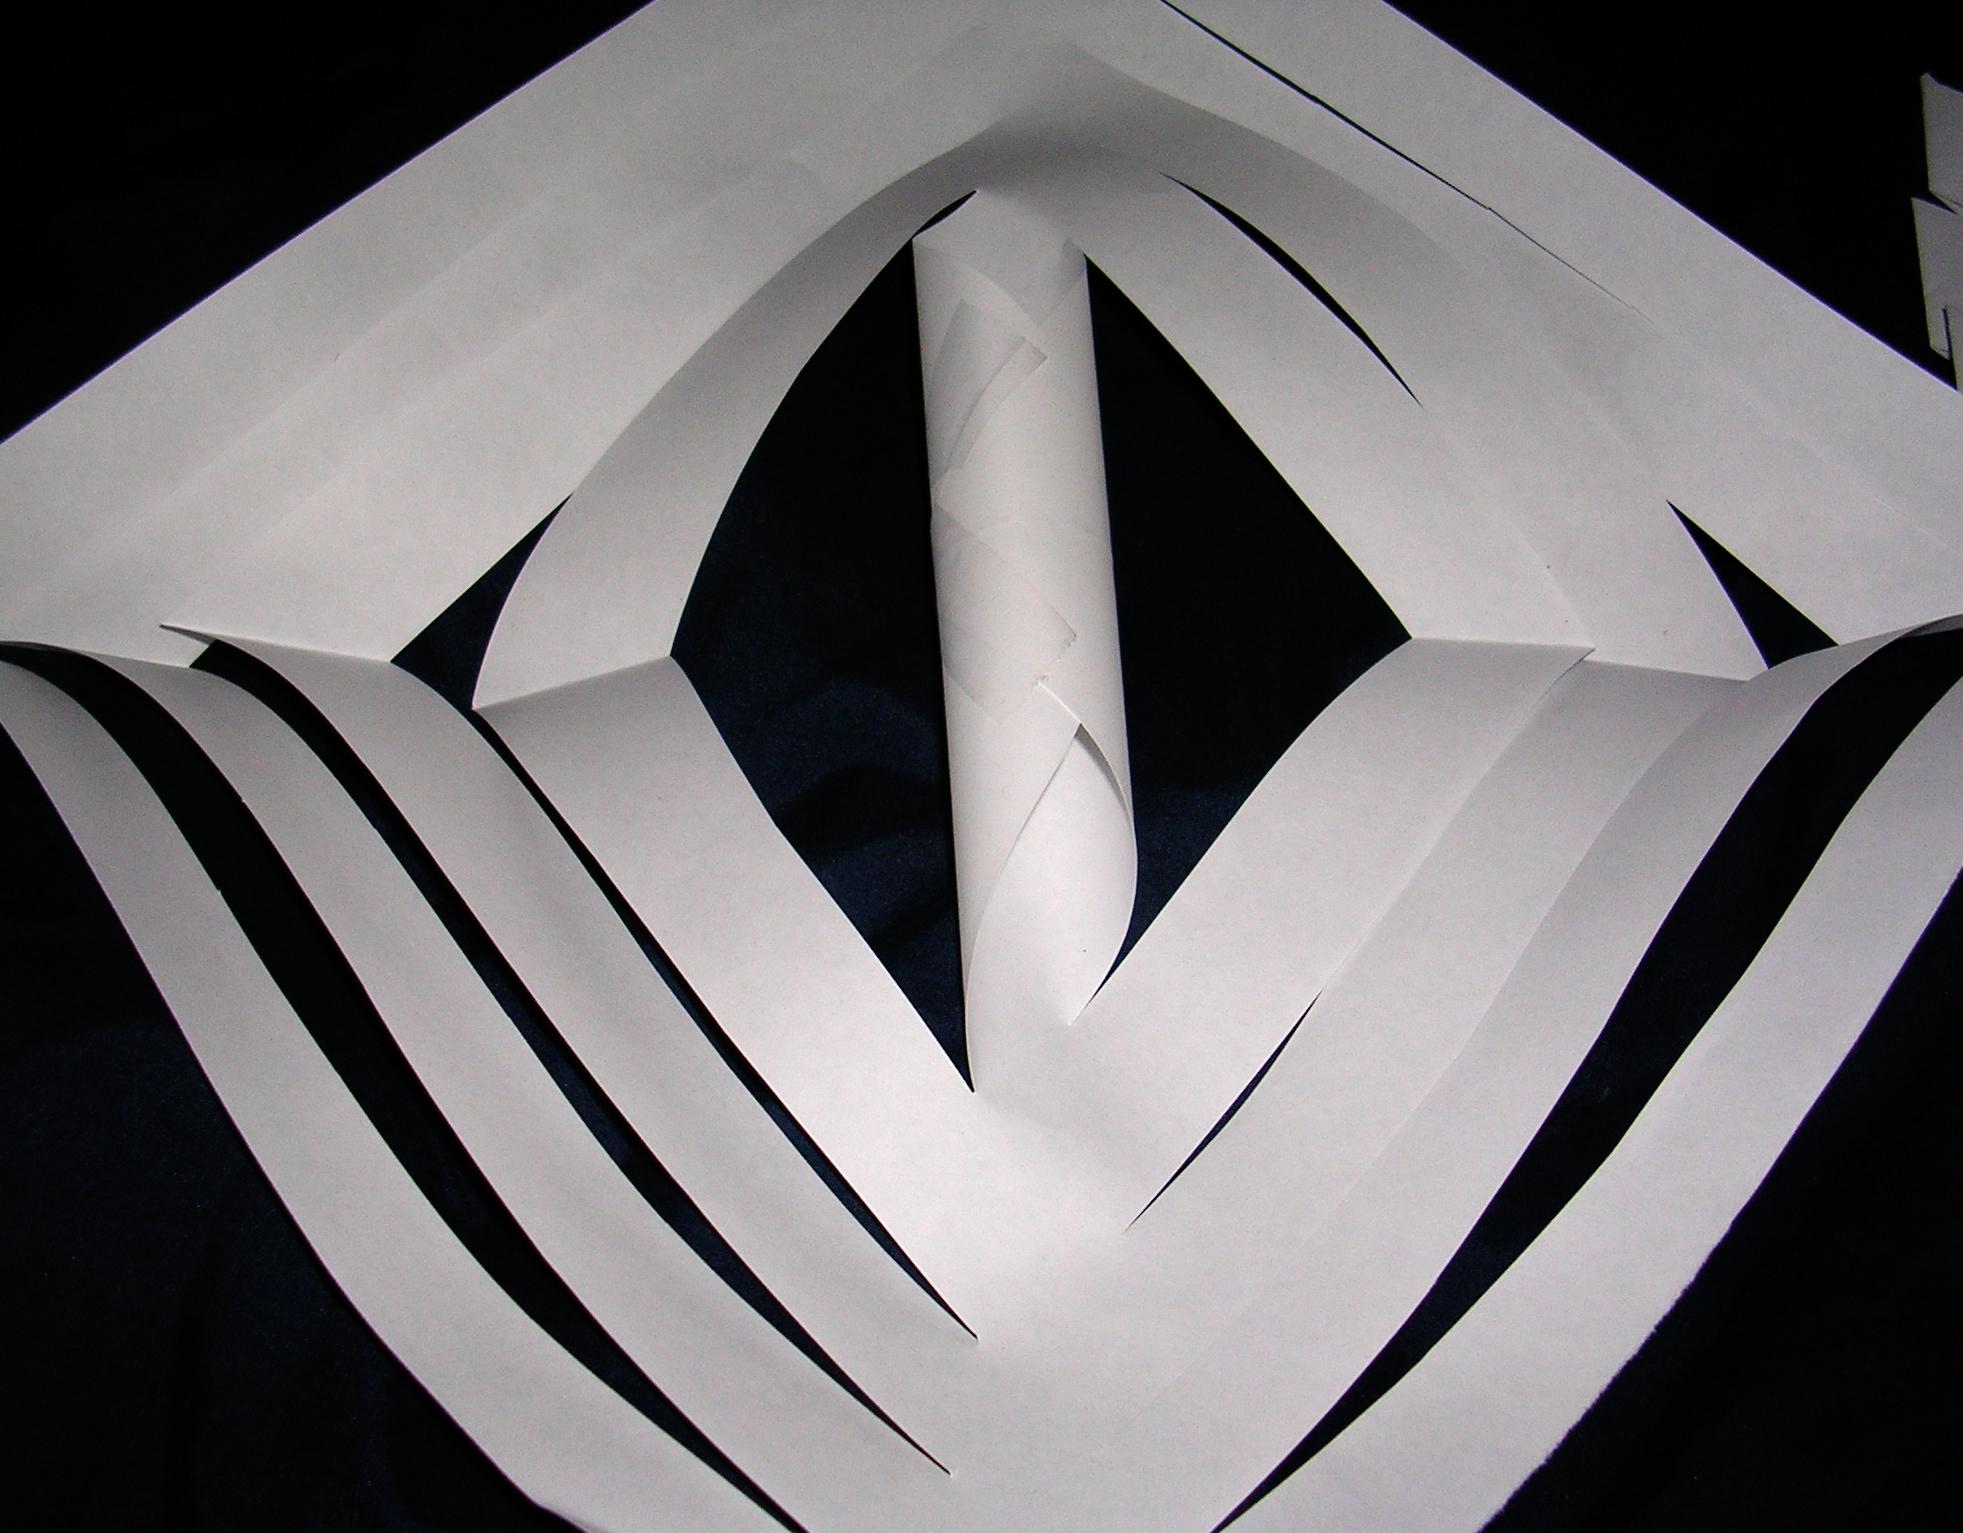 Folding the corners in